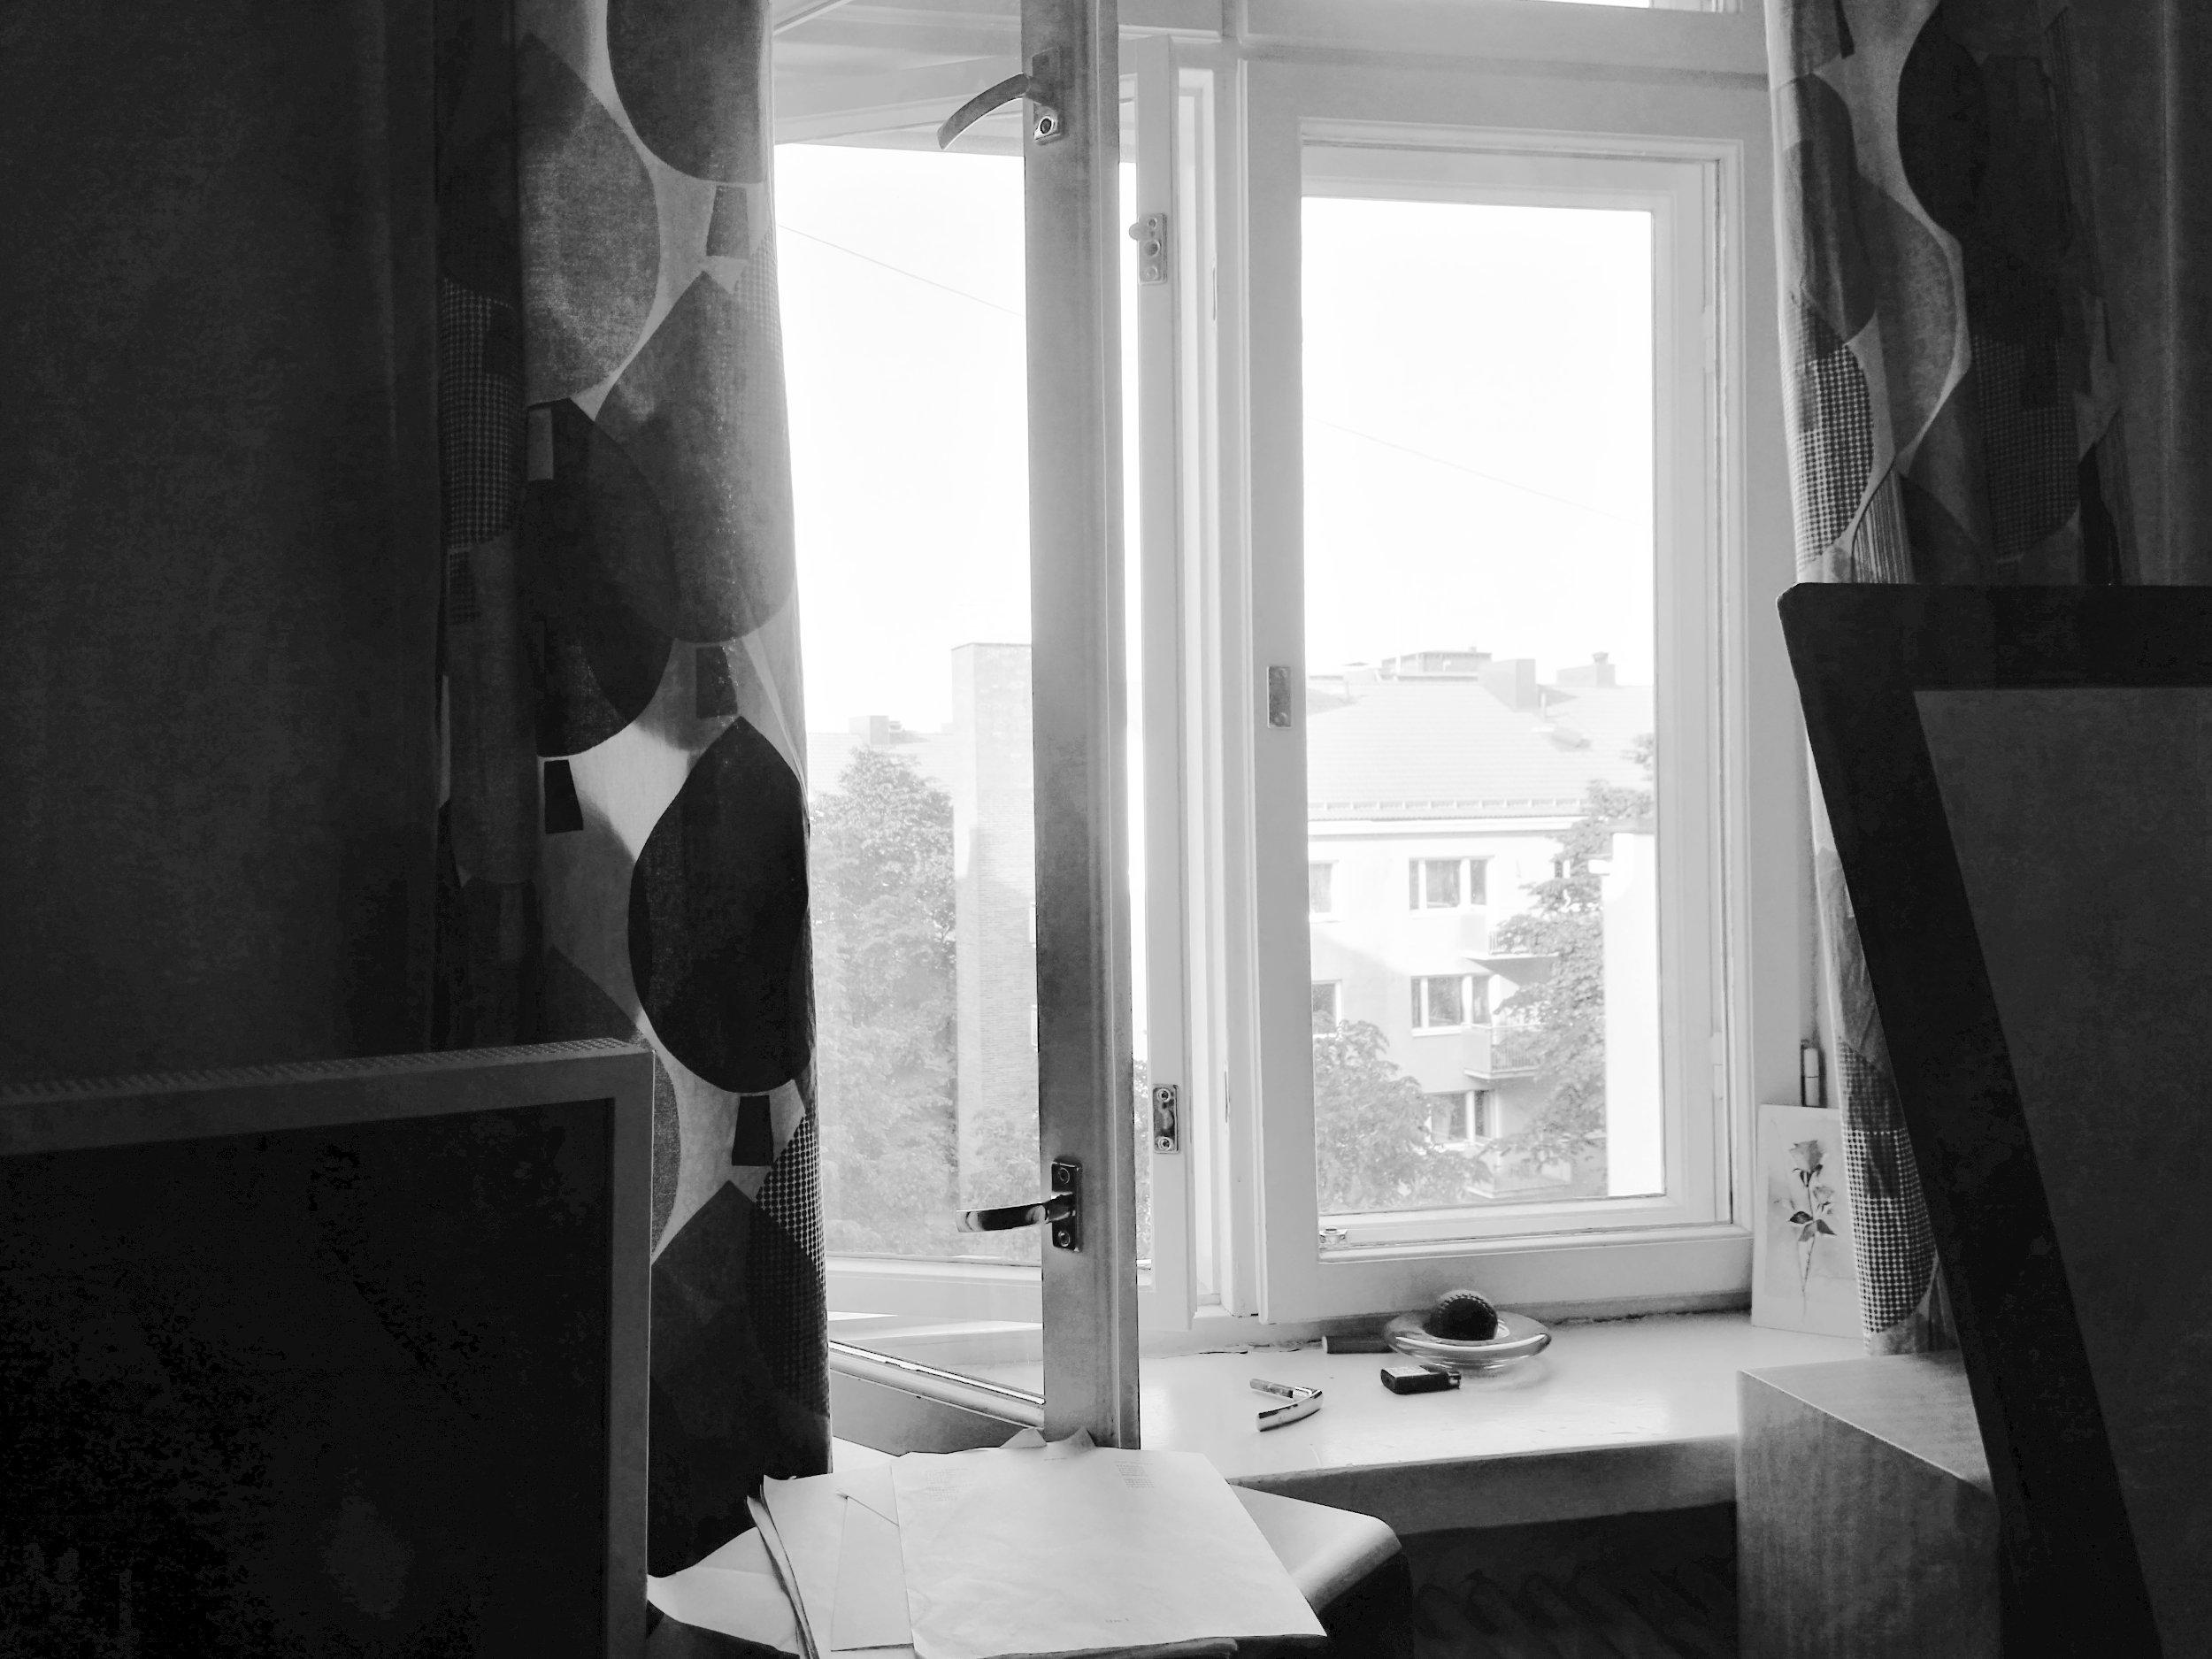 Yksi katselemassa ikkunastaan maailmaa. Jostain syntyy myös reflektio - vai puuttuuko se todella kuitenkin.